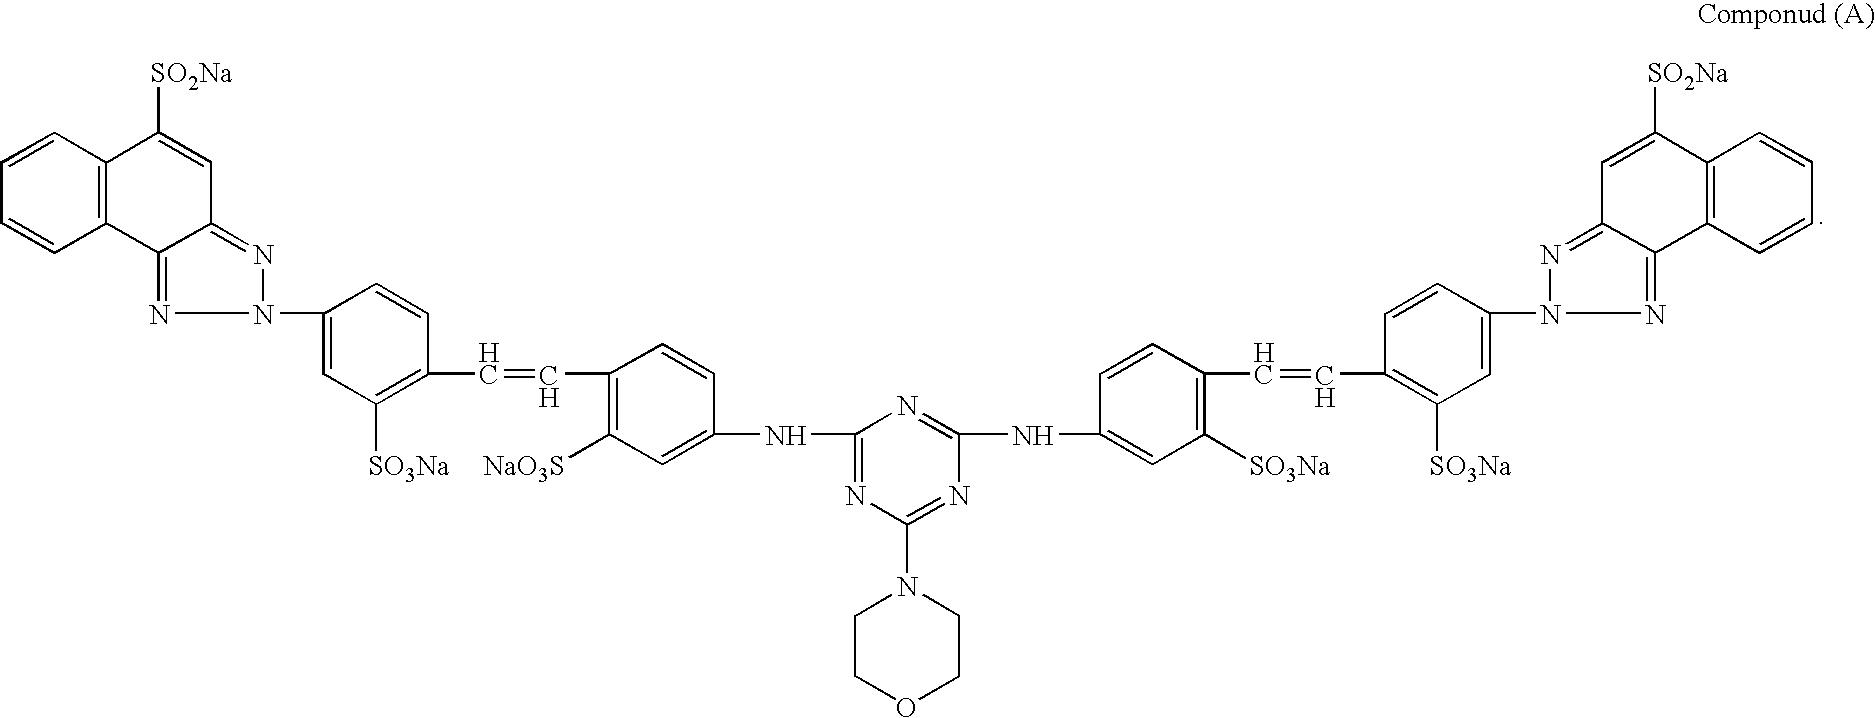 Figure US20070034114A1-20070215-C00026